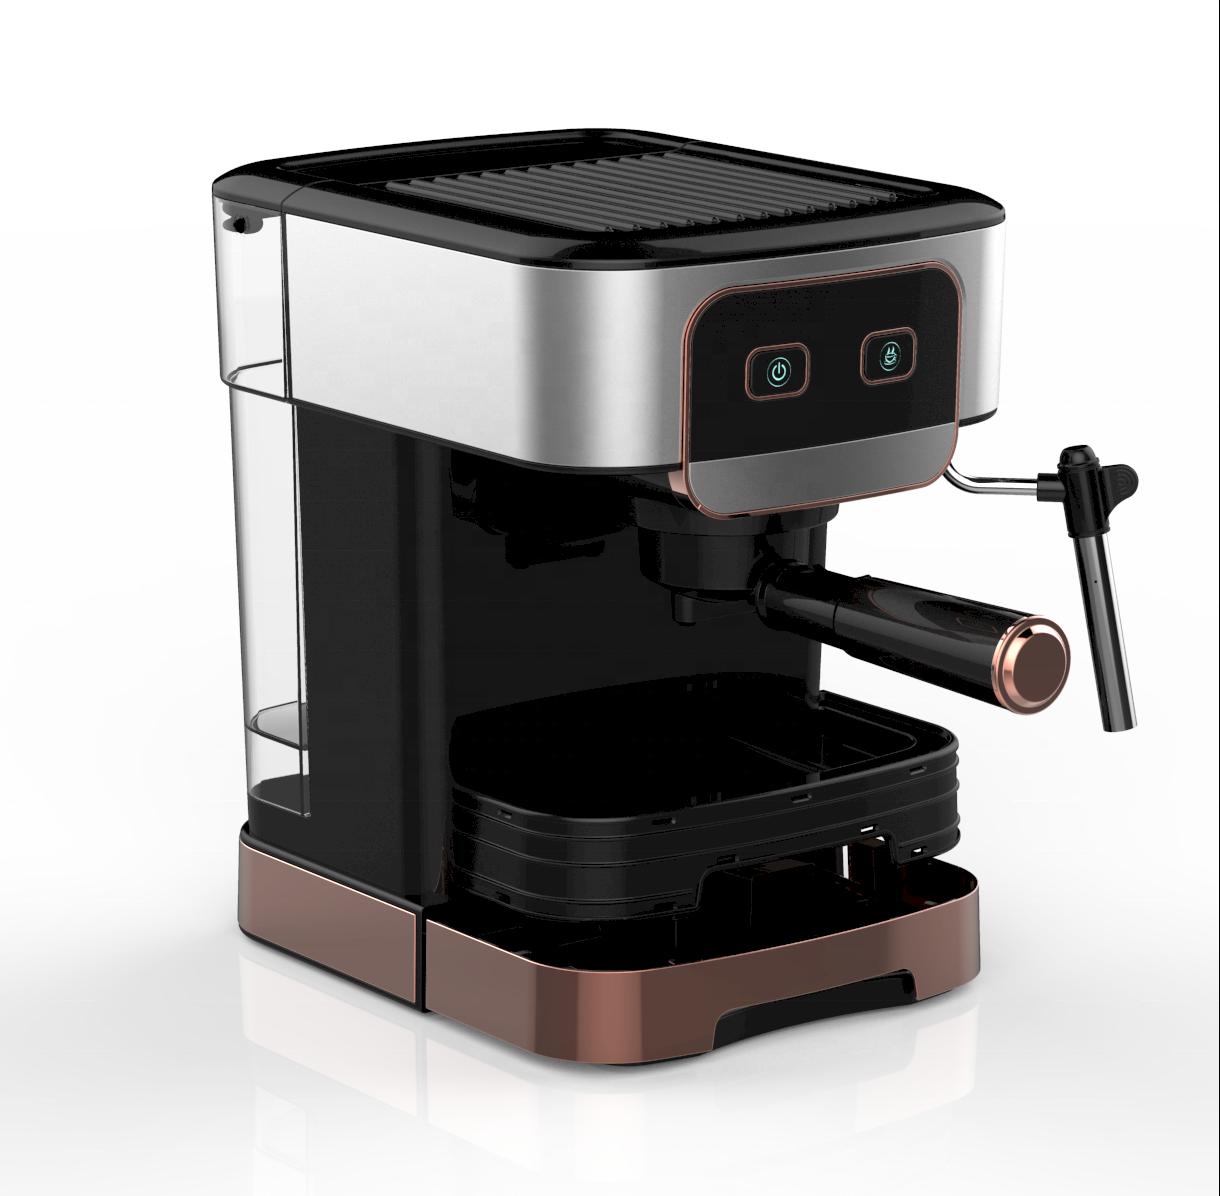 Эспрессо-машина 1200 Вт, 15 бар, итальянская кофемашина для капучино, кофе эспрессо с молоком